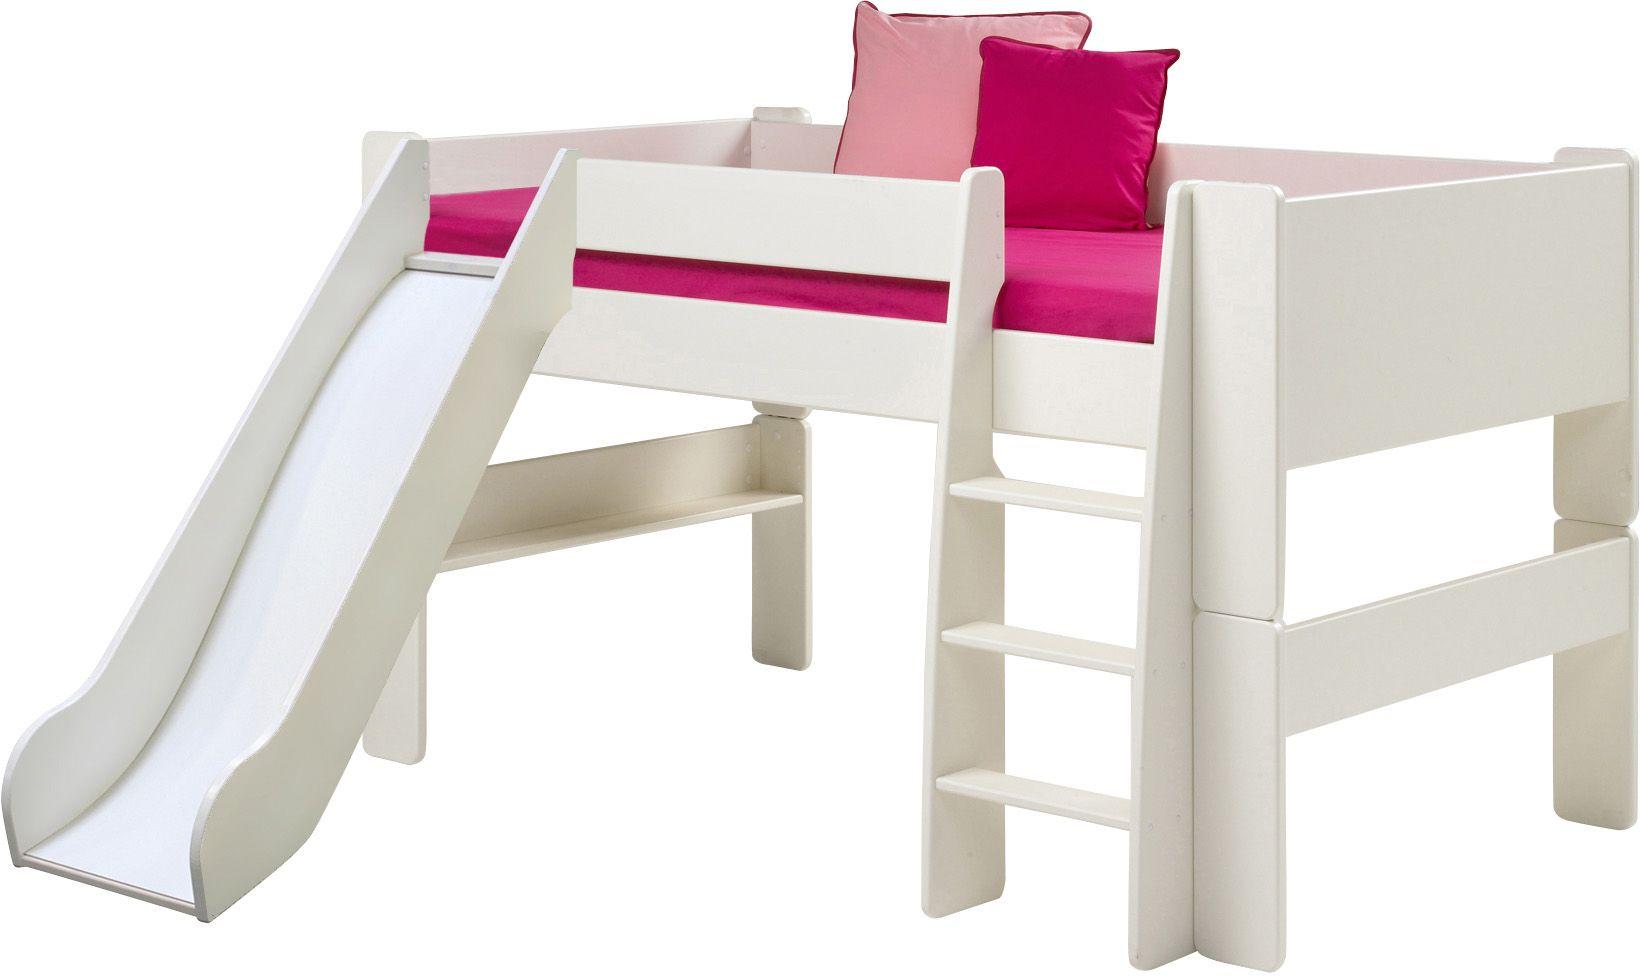 muffy halbhochbett mit rutsche in 4 farben etagen und hochbetten hochbett kinder rutsche. Black Bedroom Furniture Sets. Home Design Ideas